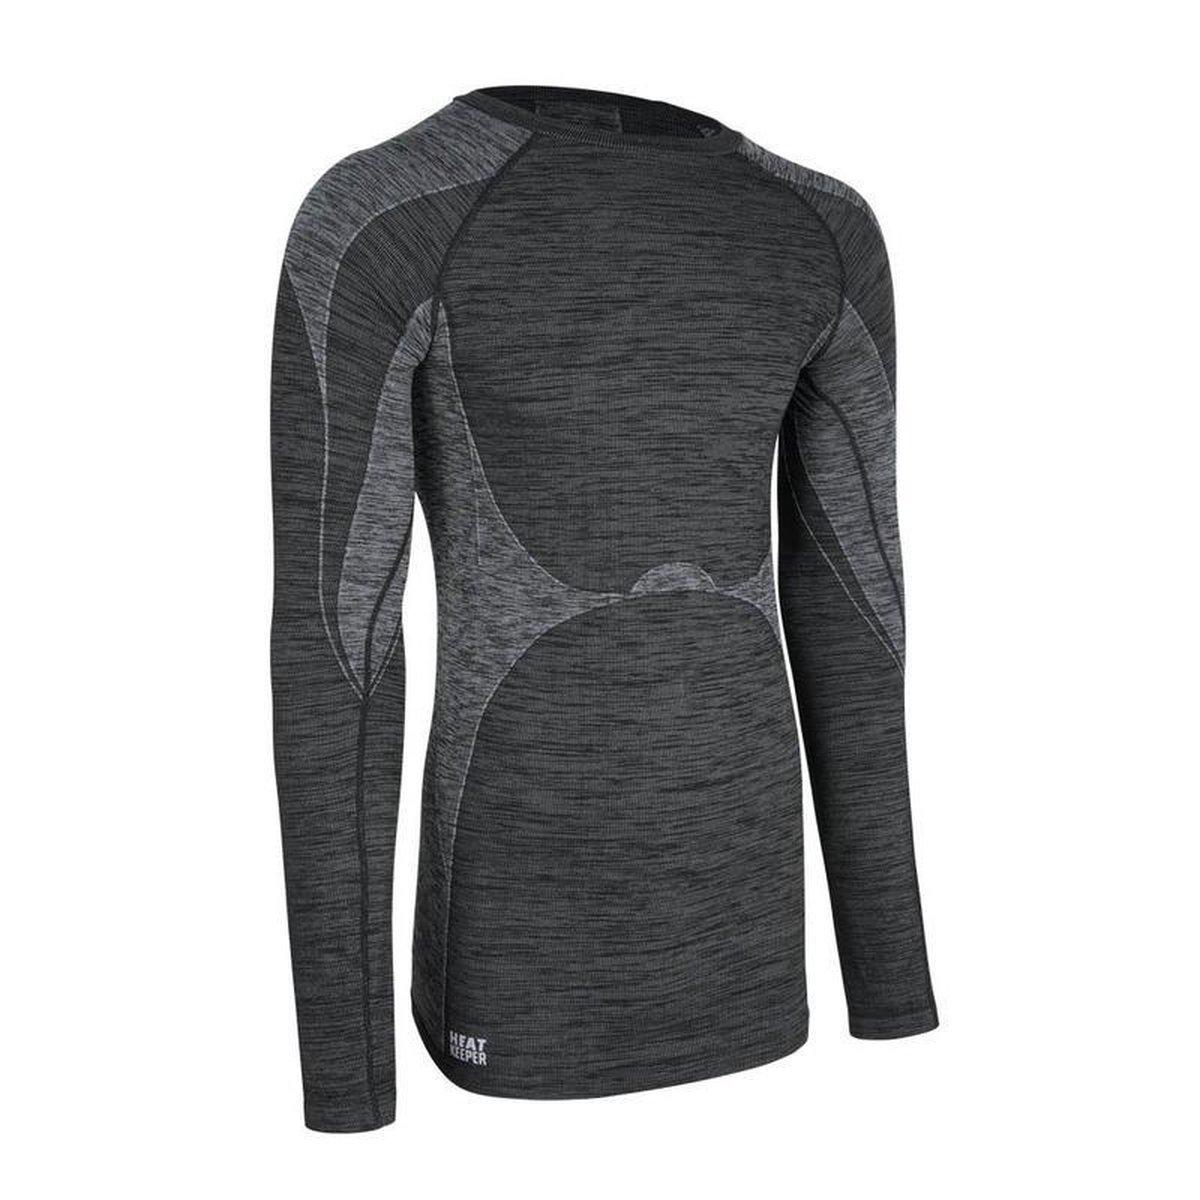 Thermo shirt zwarte melange lange mouw voor heren - Wintersport kleding - Thermokleding XL (54)